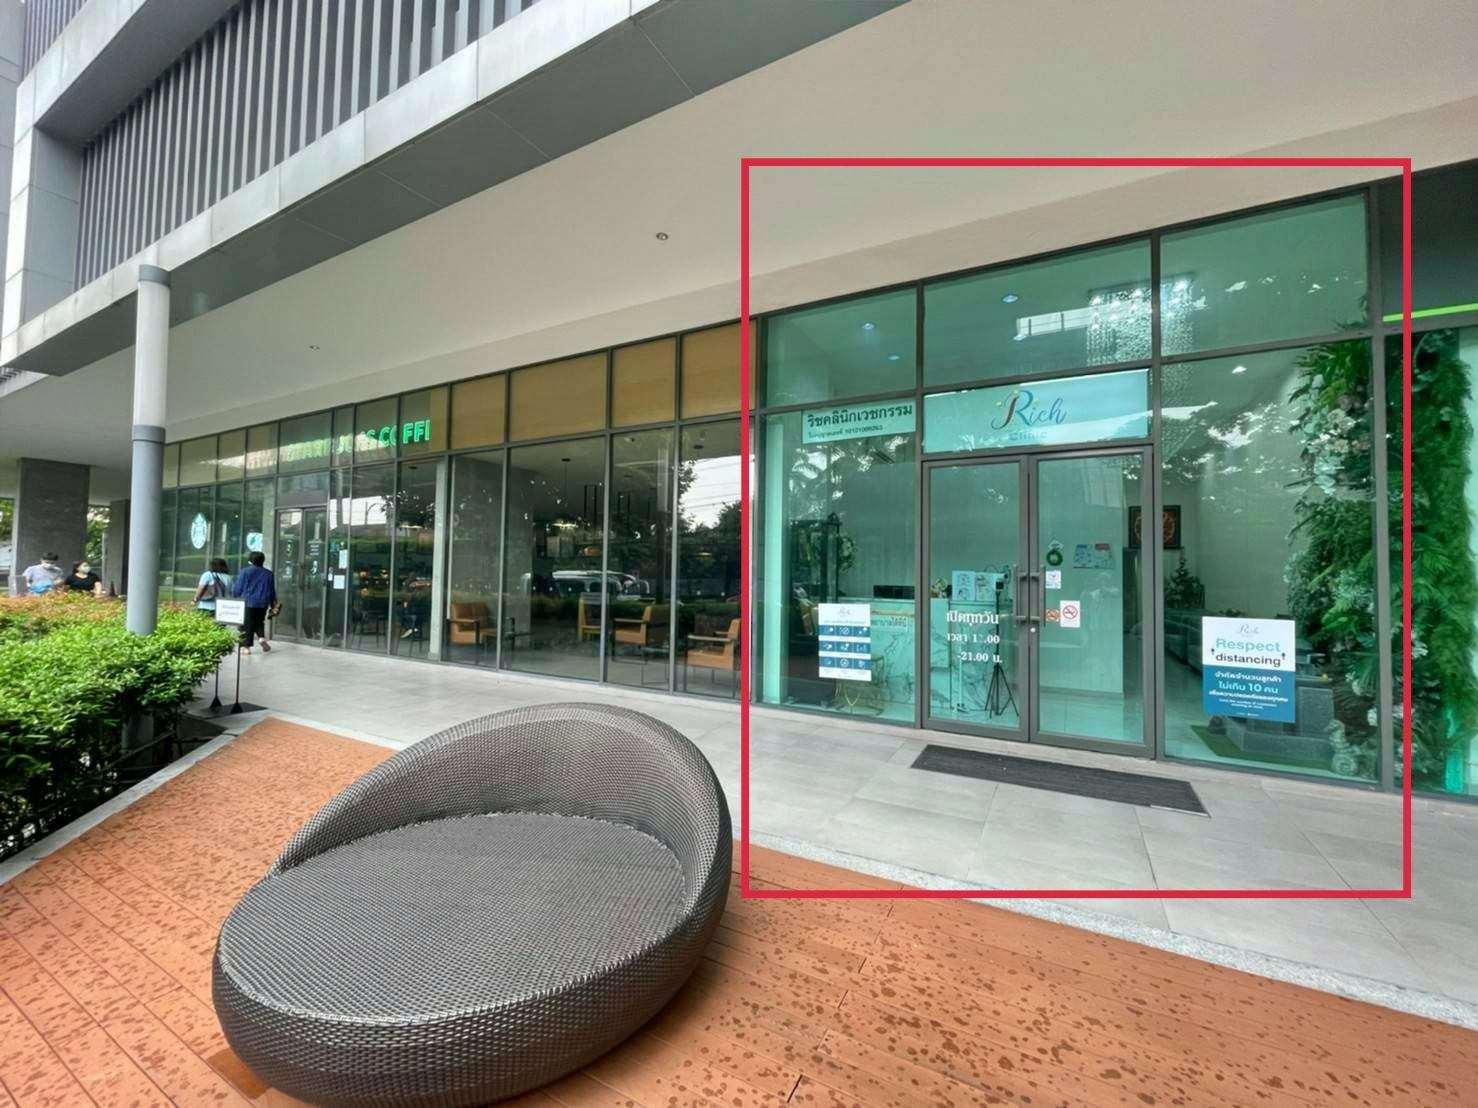 เซ้ง‼️ คลีนิกเวชกรรม-ความงาม ไอดิโอ โมบิจรัญฯ @ใกล้ MRT บางขุนนนท์